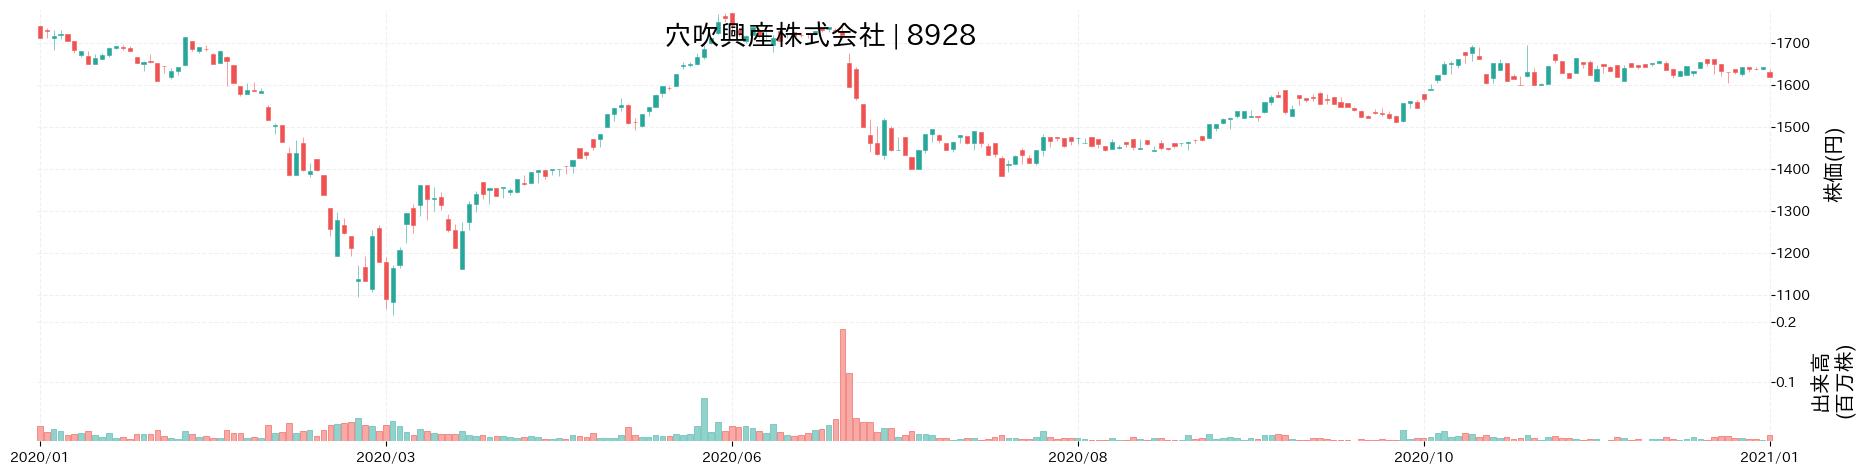 穴吹興産株式会社の株価推移(2020)